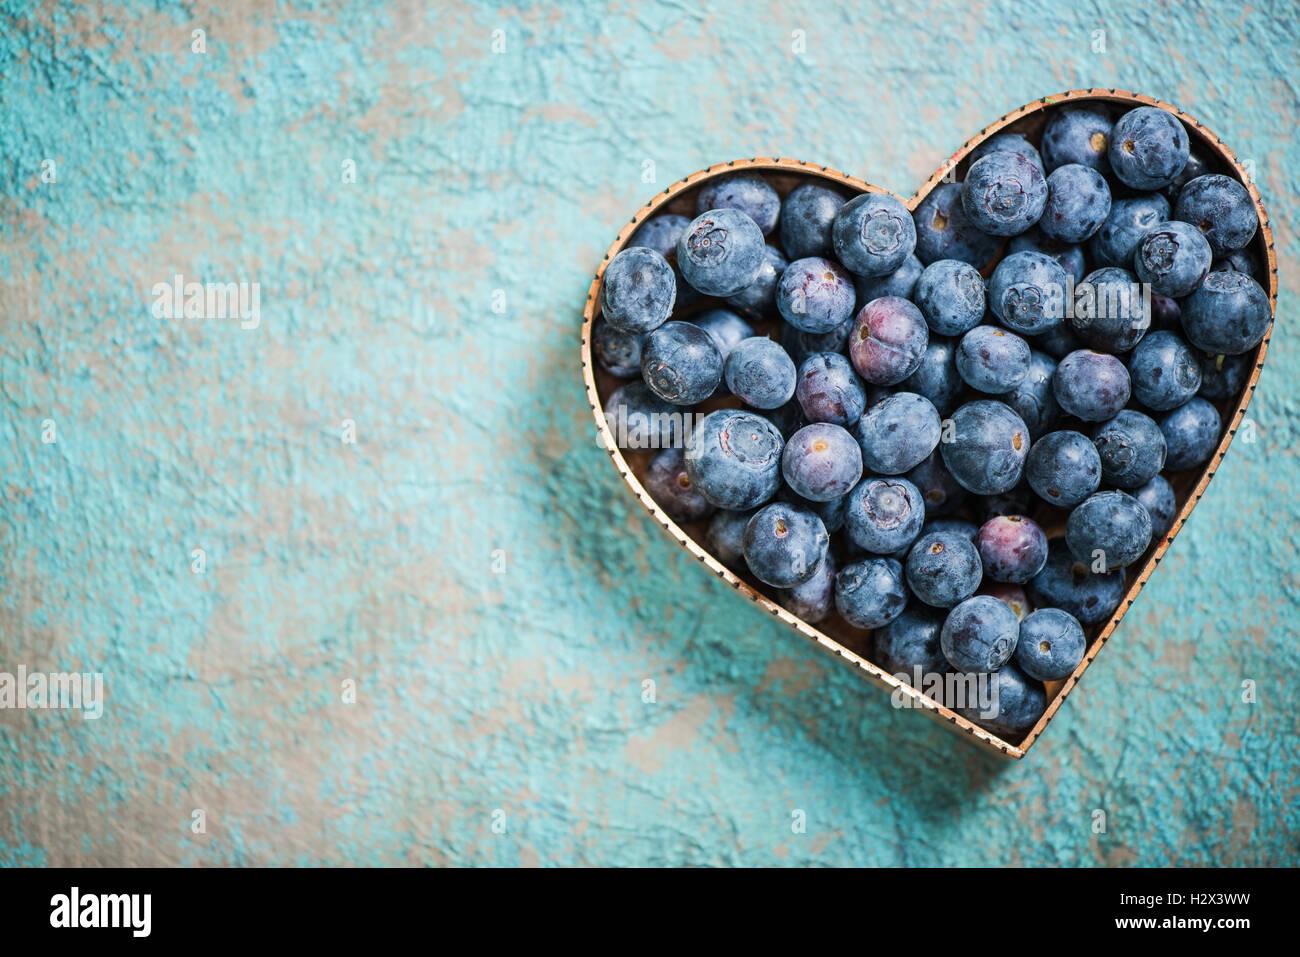 Blueberries in heart shape symbol love for healthy living and blueberries in heart shape symbol love for healthy living and eating concept biocorpaavc